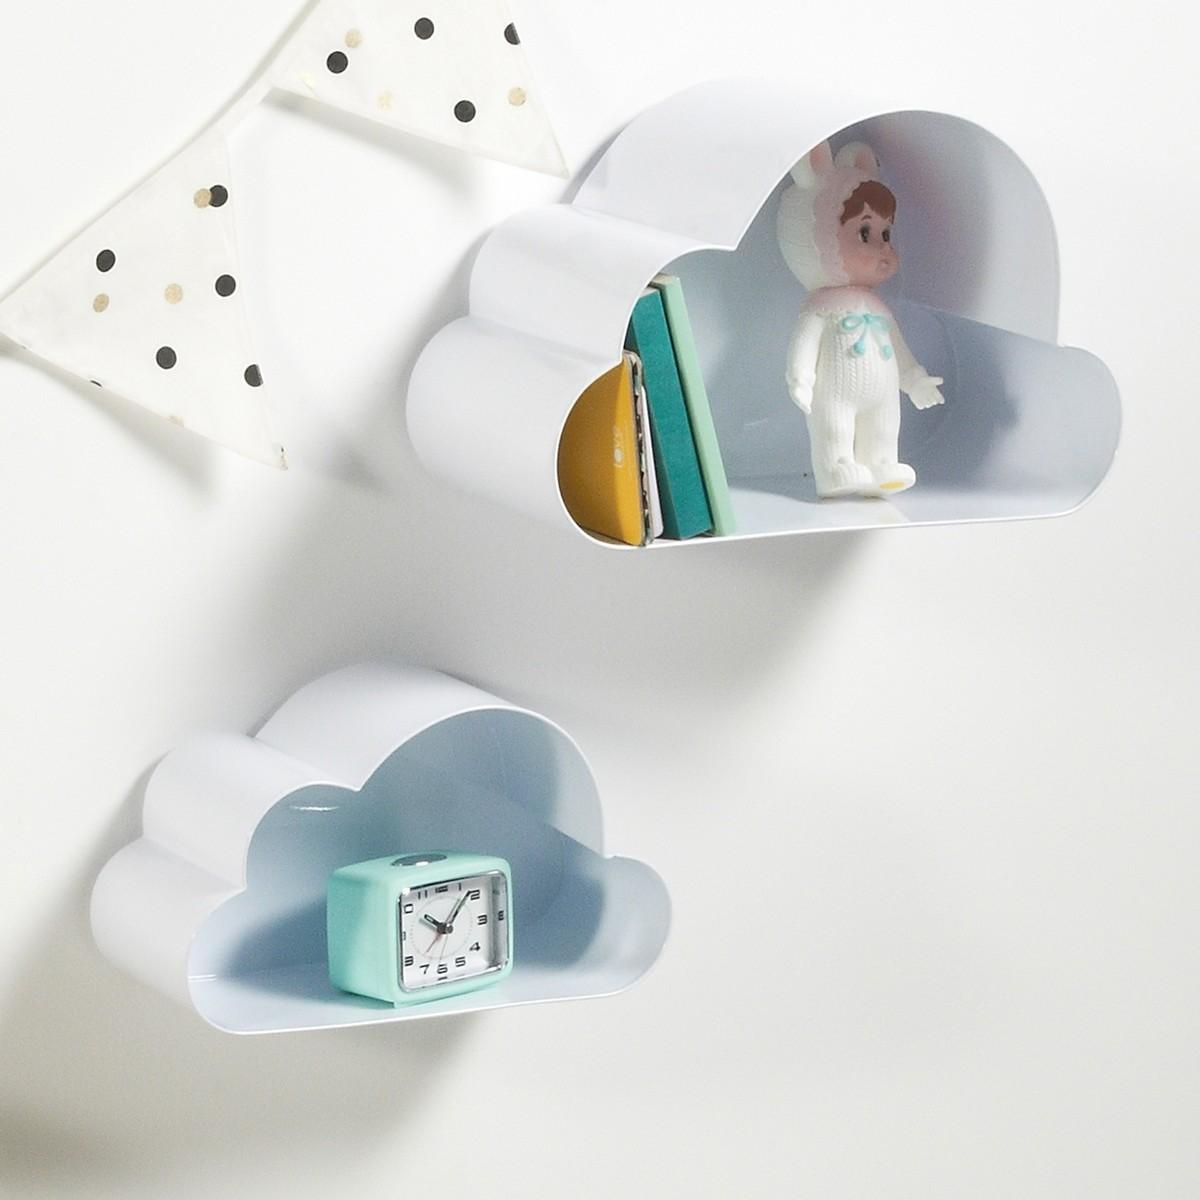 Полки настенные в форме облака, Spacielle